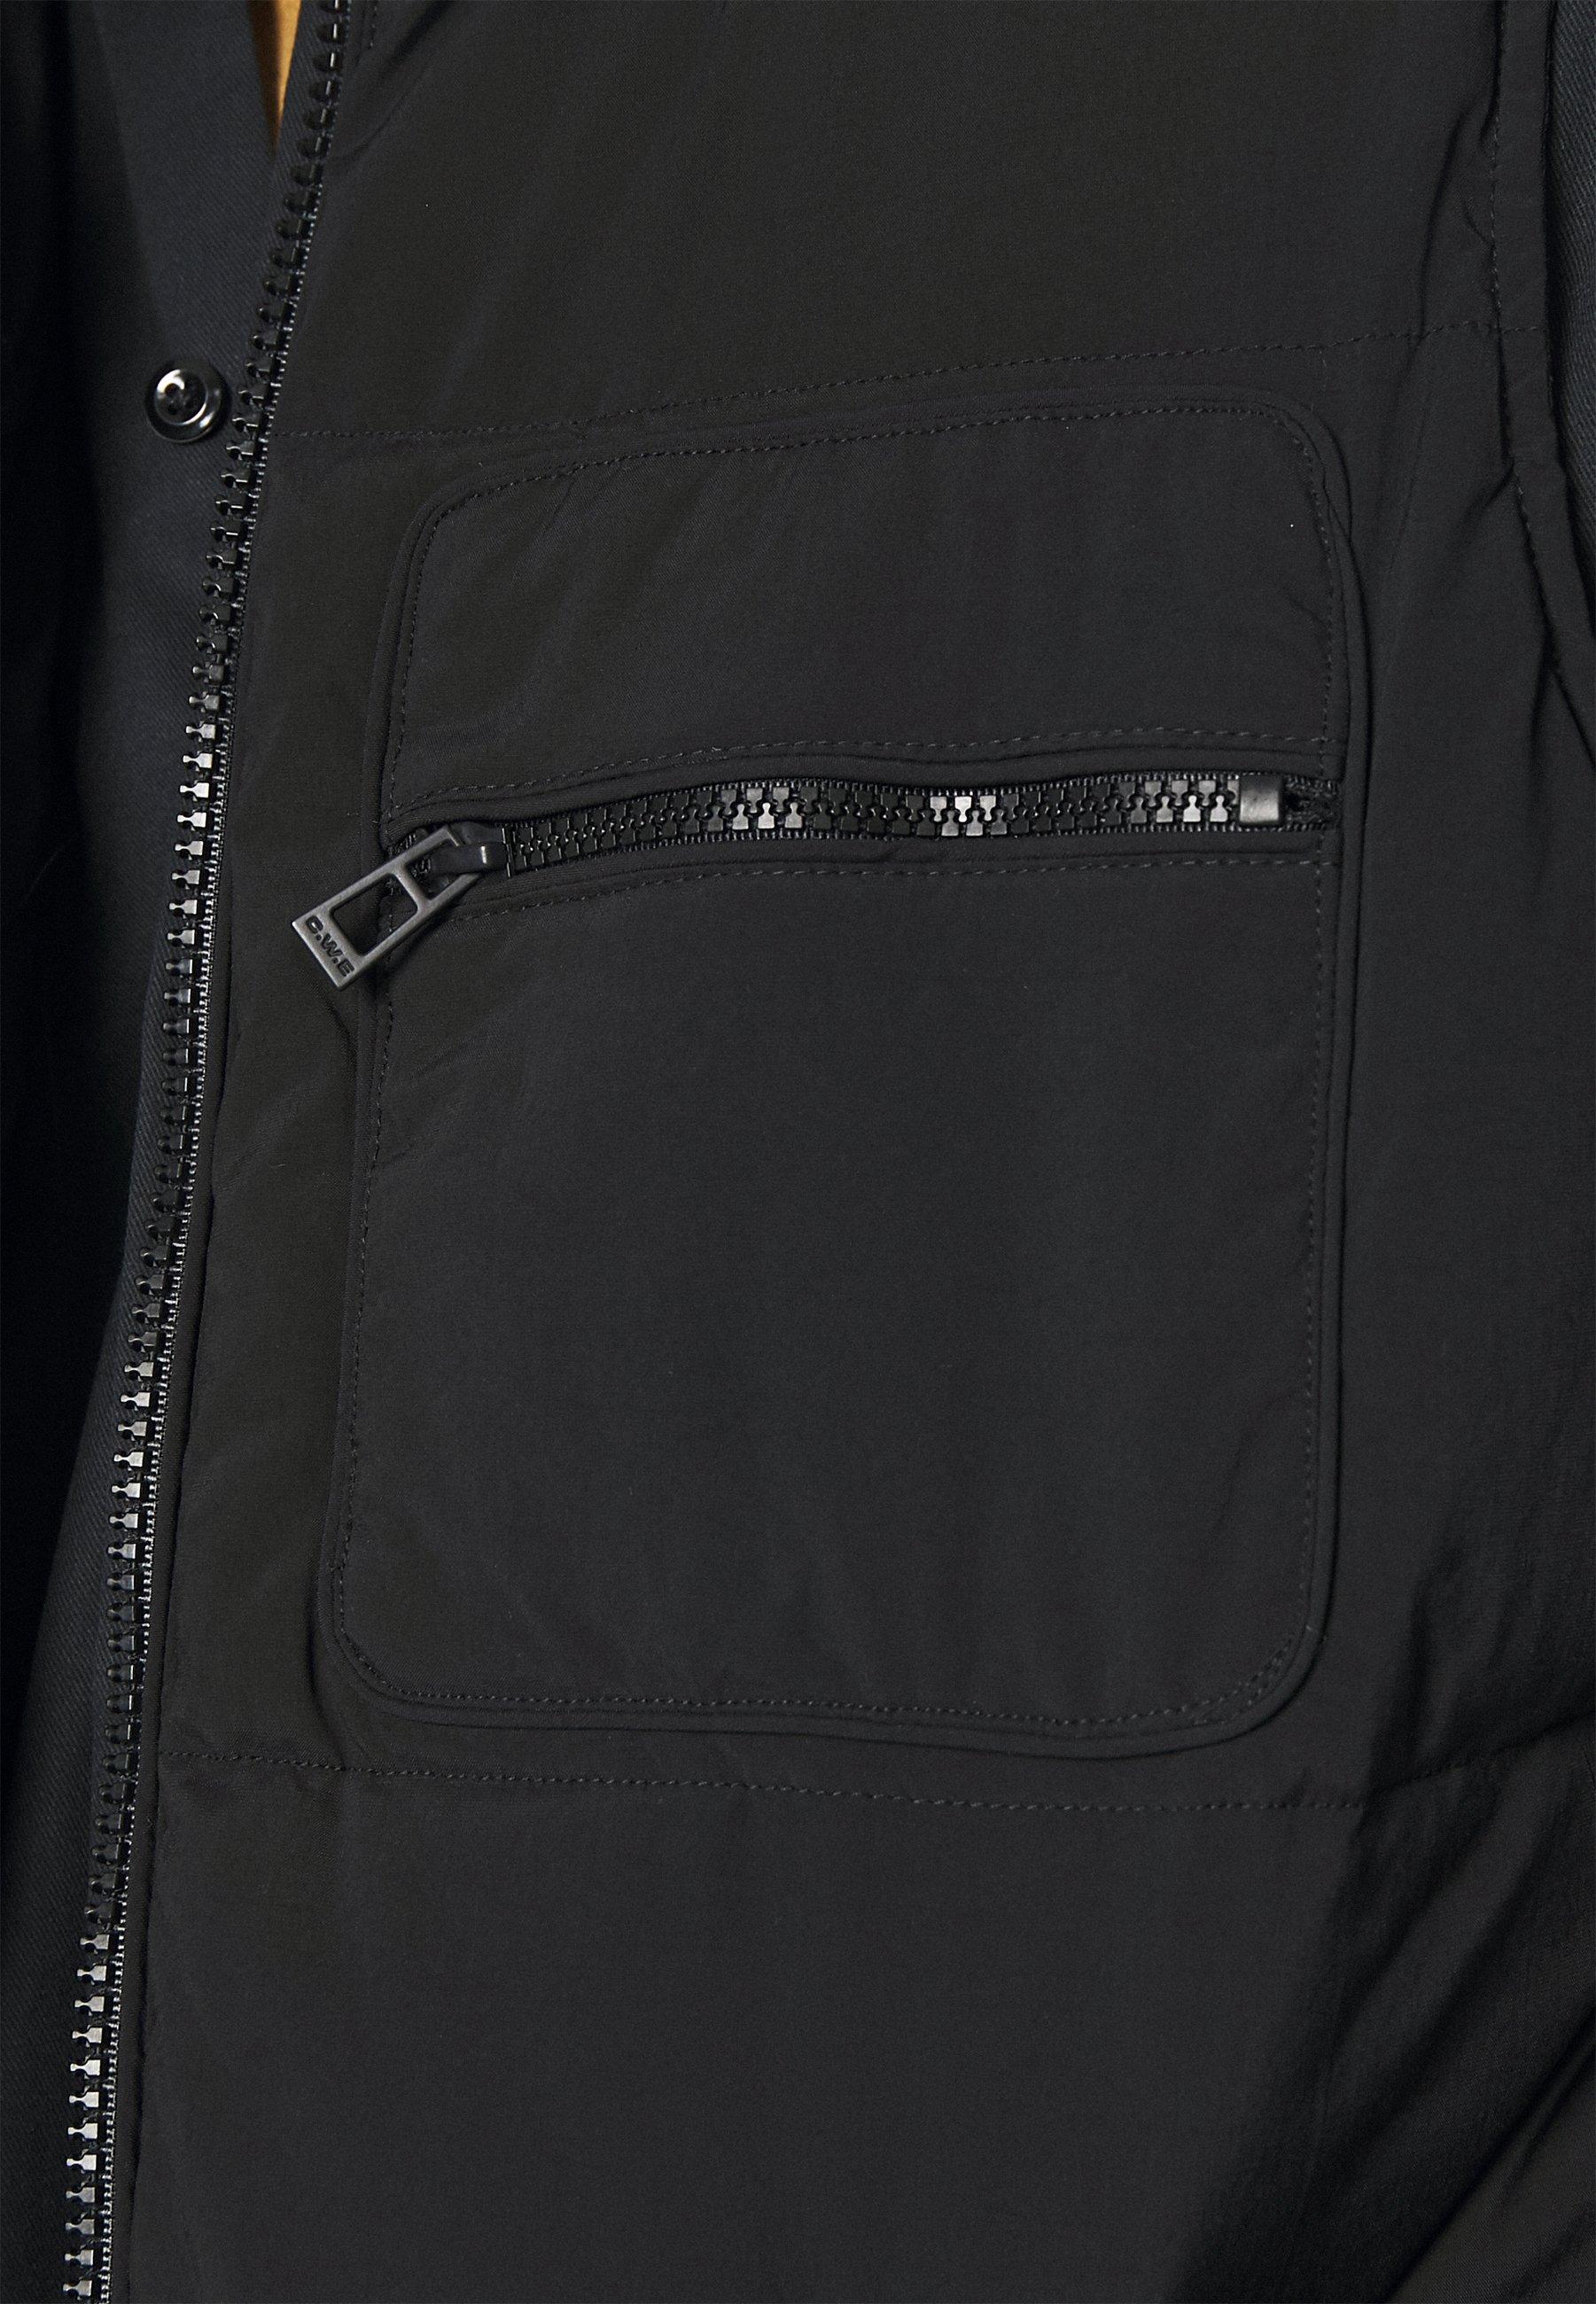 Topman FUJI GILET - Weste - black/schwarz - Herrenwinterkleidung Kn3Dj